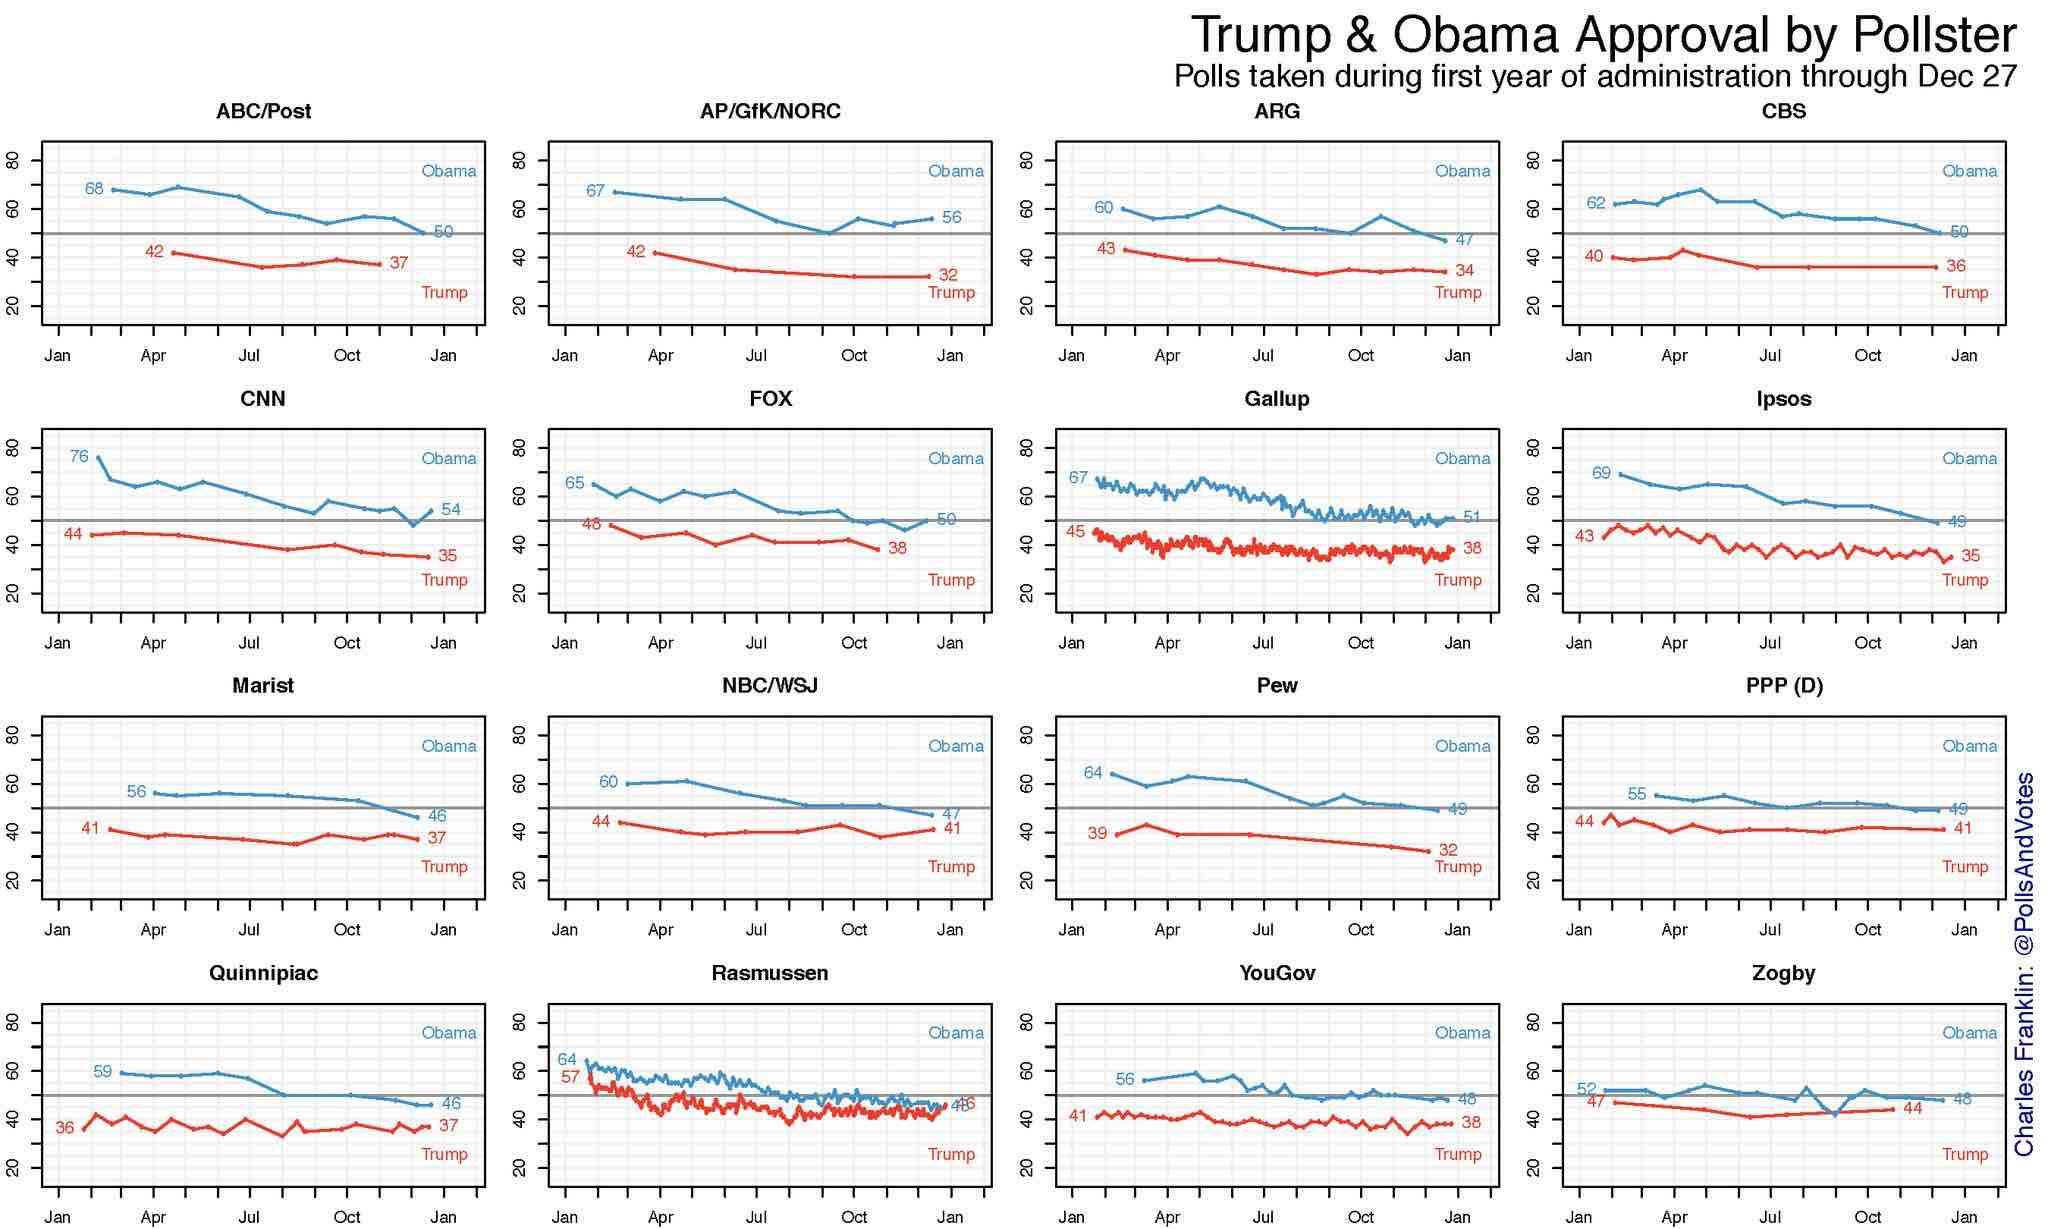 Trump Approval vs. Obama Approval